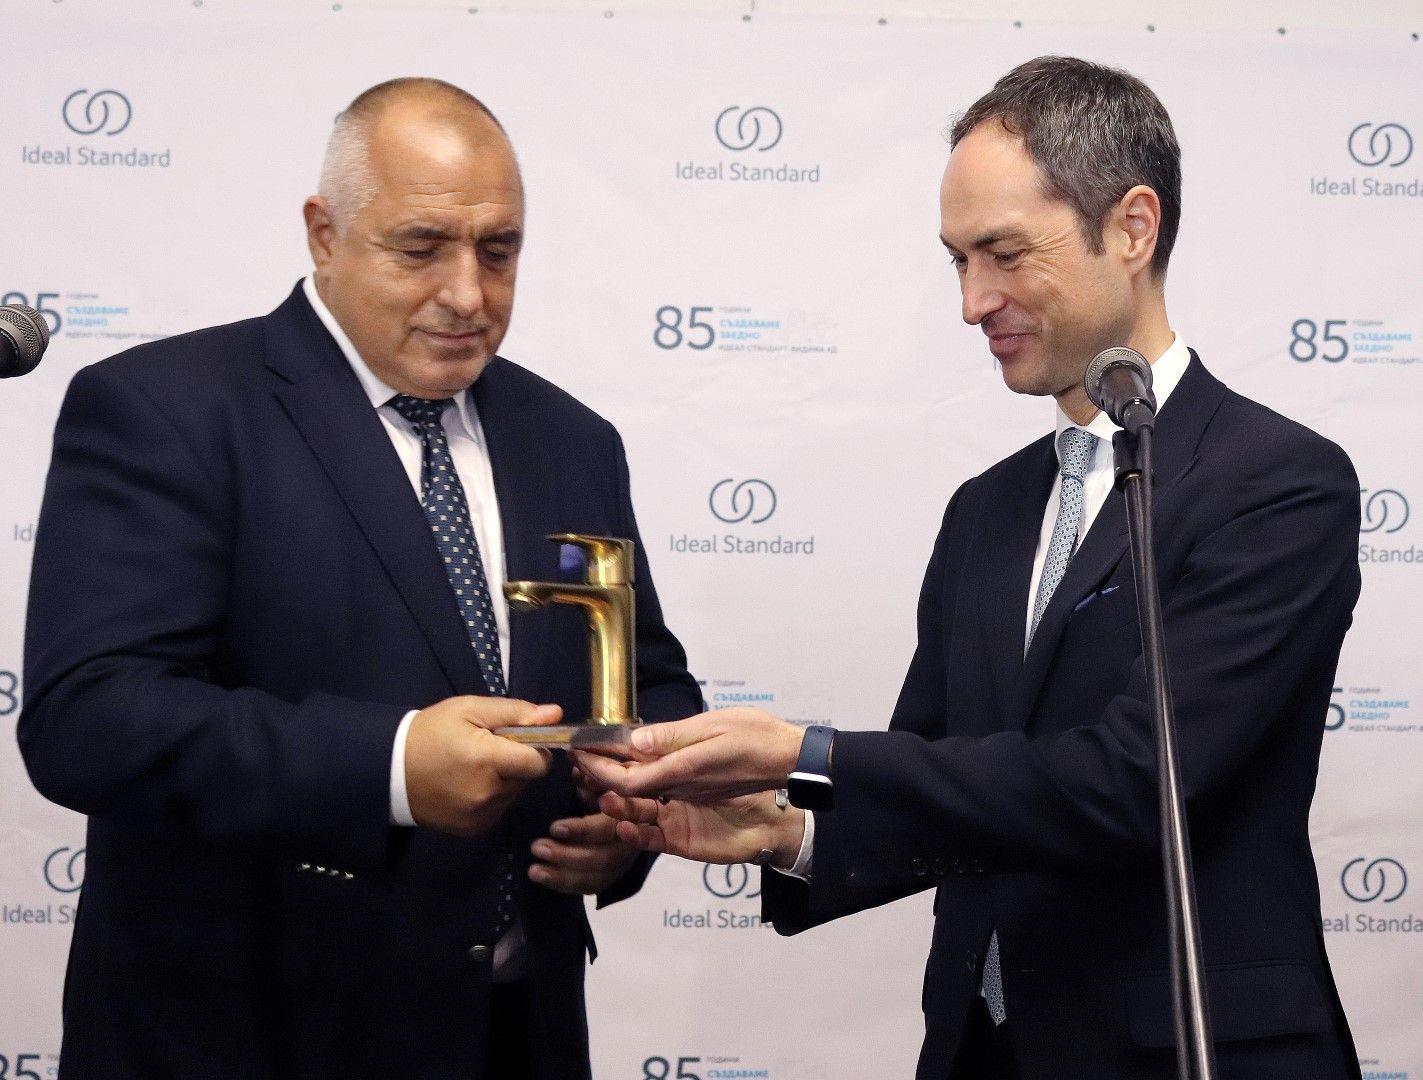 """Главният изпълнителен директор на """"Идеал Стандарт"""" Торстен Тюрлинг (дясно), подари на премиера позлатен санитарен кран"""